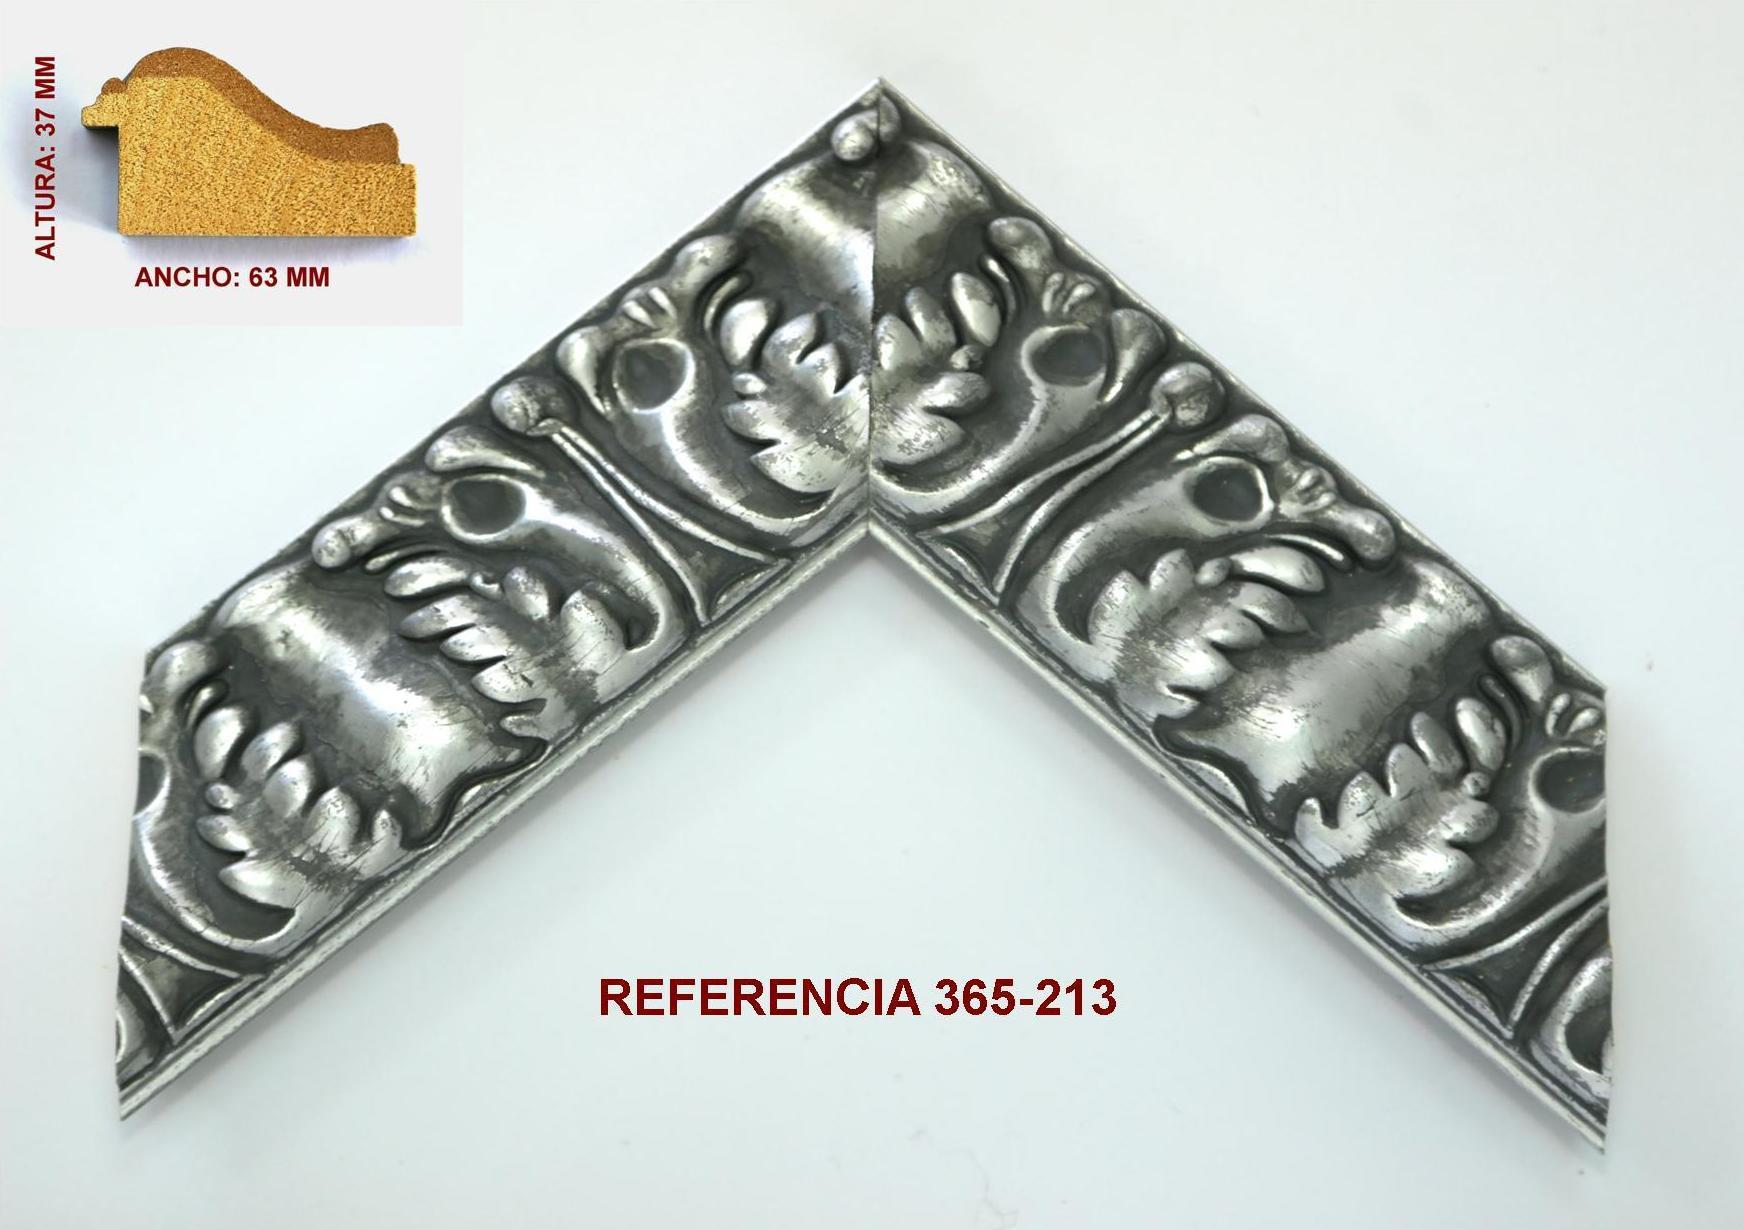 REF 365-213: Muestrario de Moldusevilla